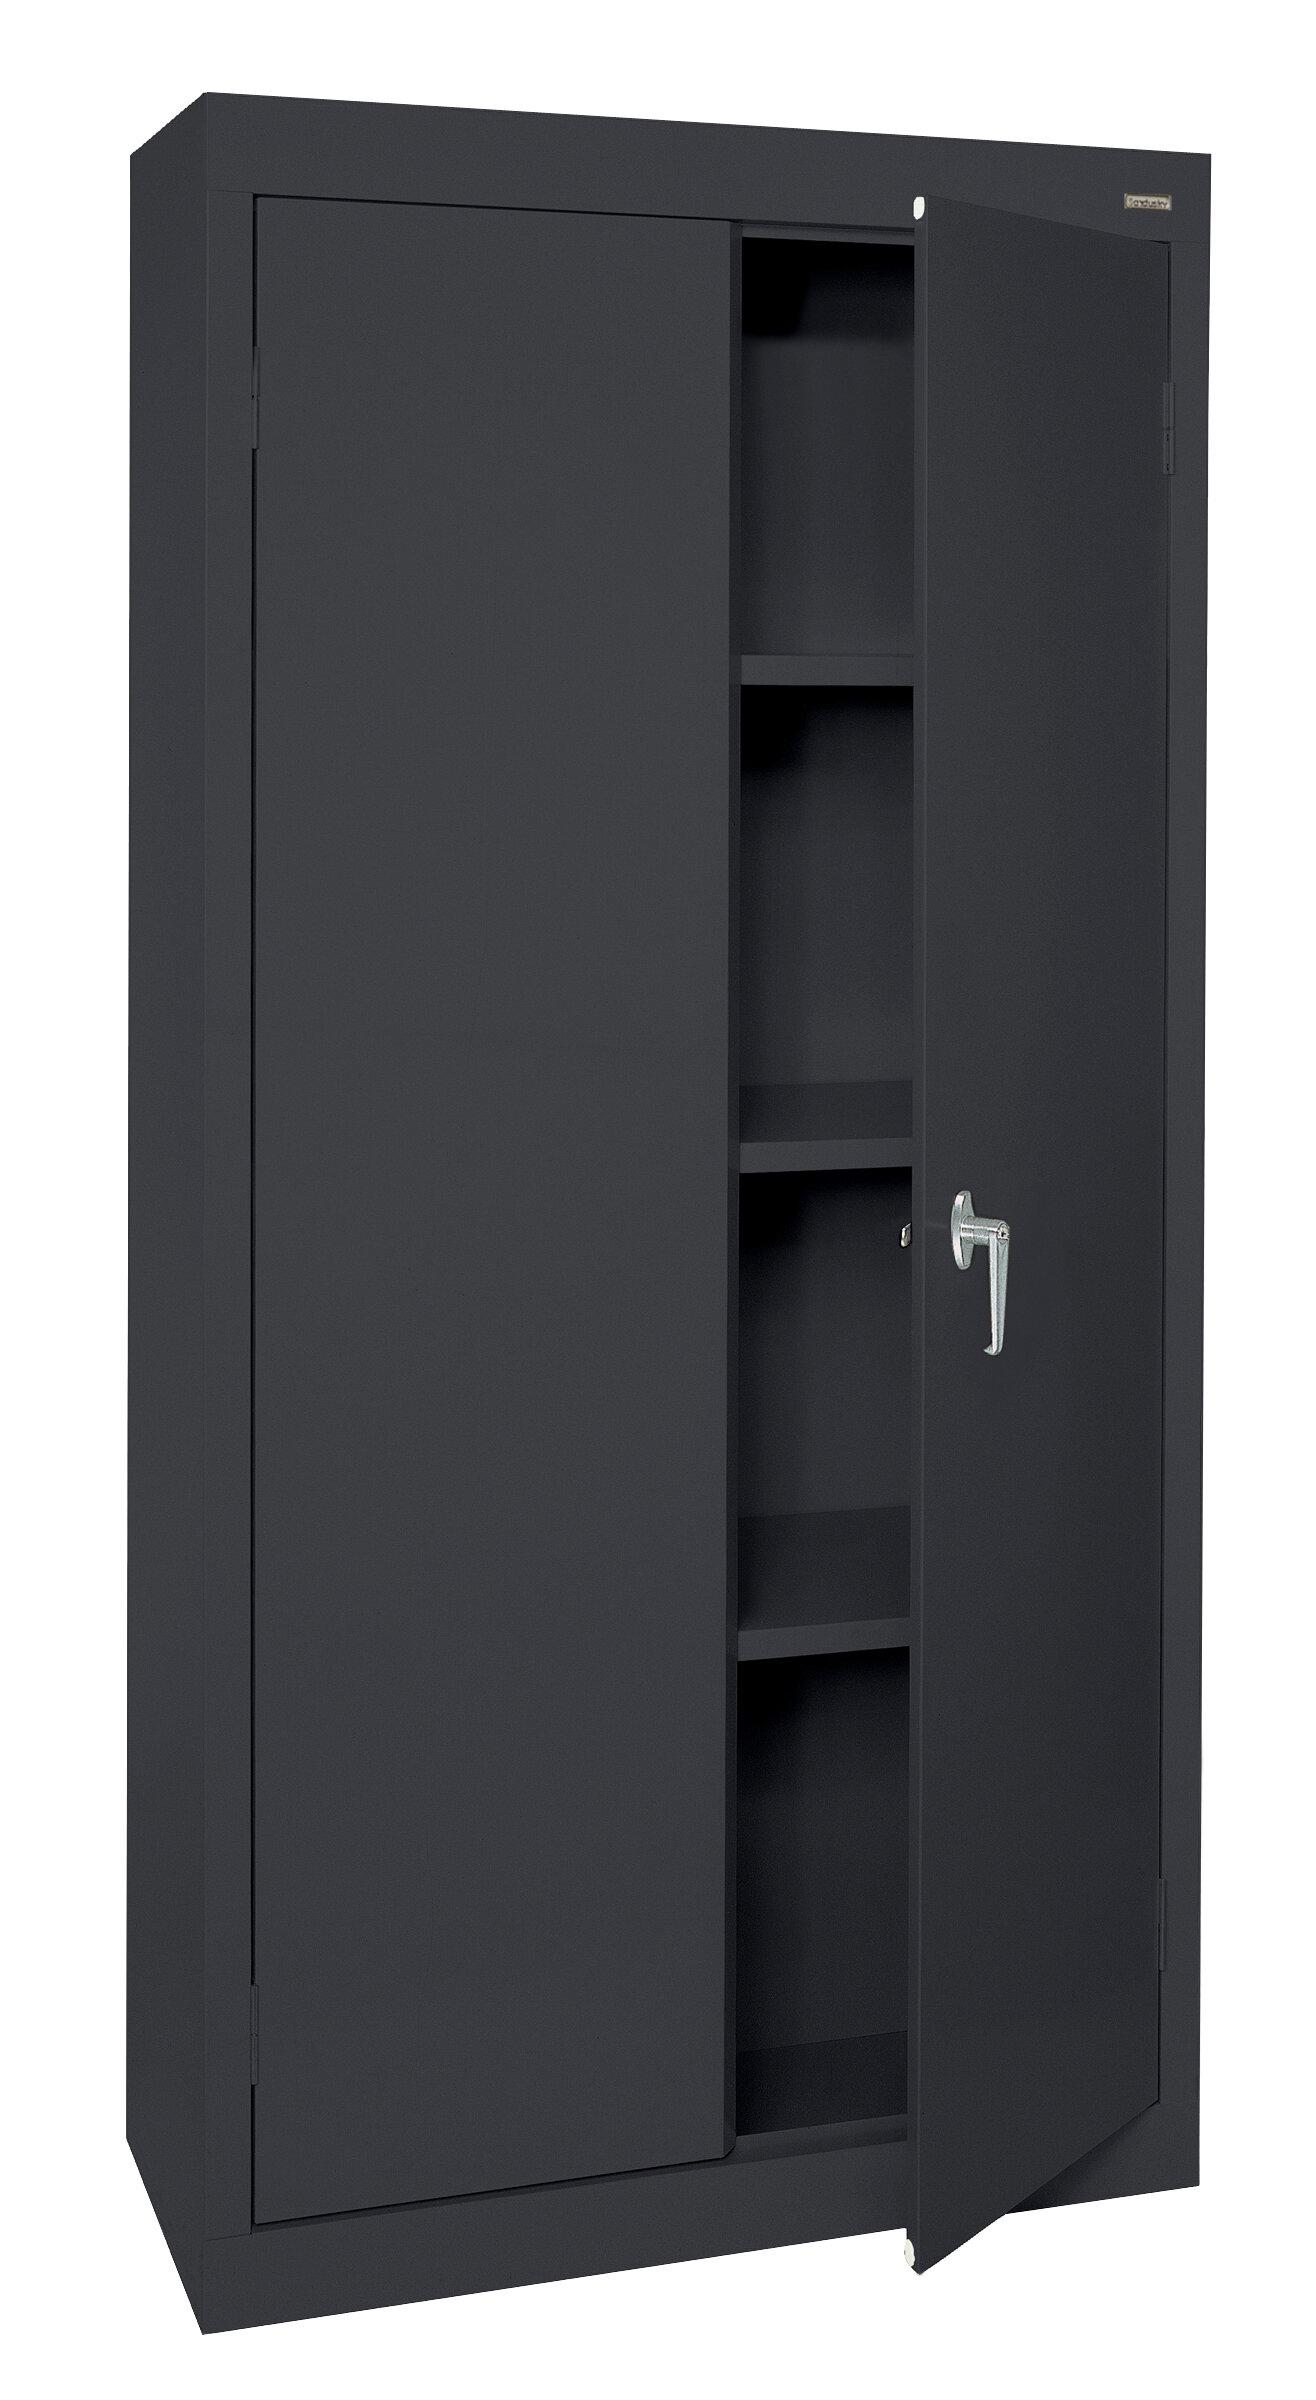 Value Line 2 Door Storage Cabinet